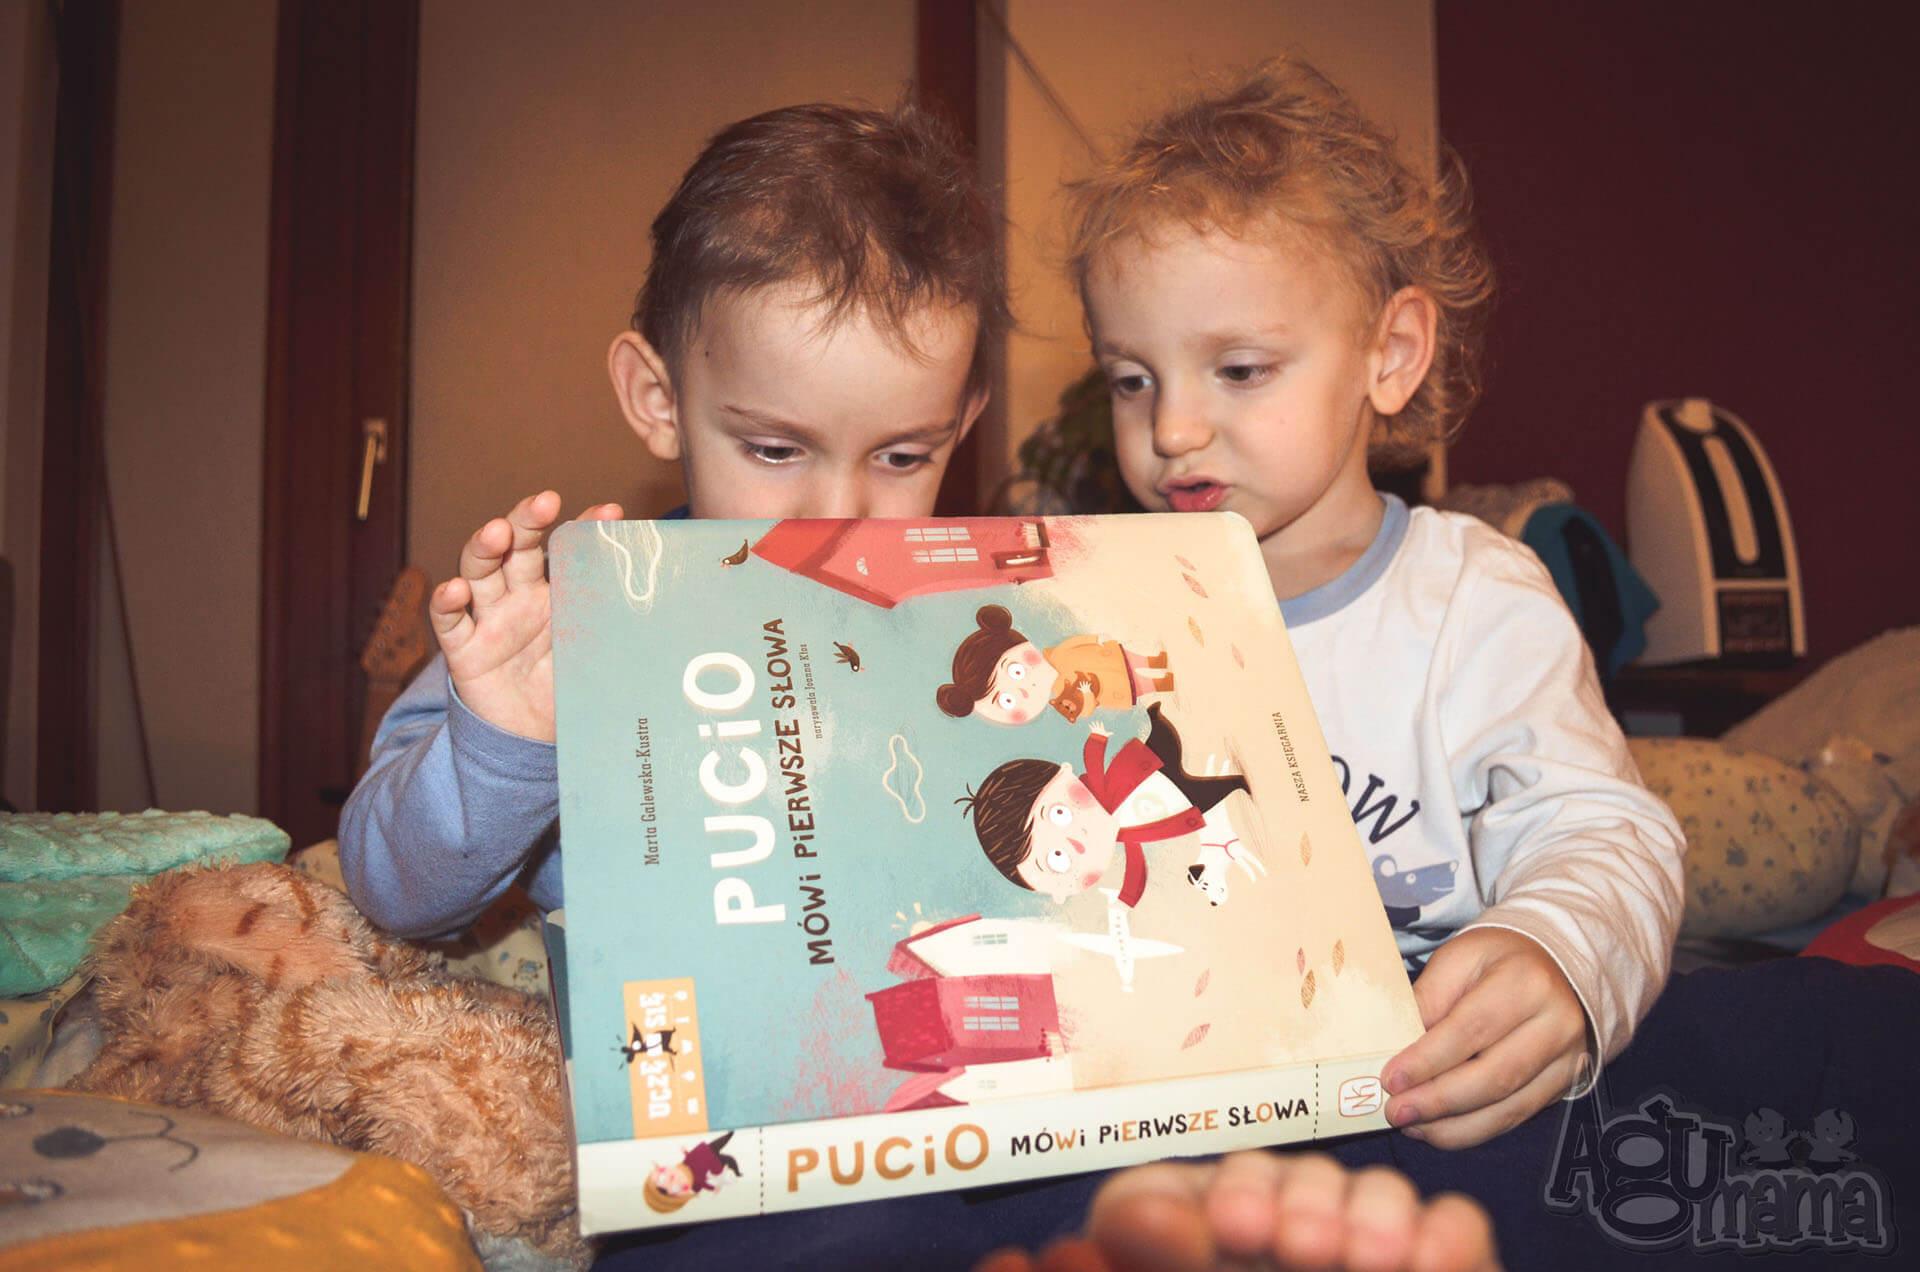 Pucio mówi pierwsze słowa czytamy